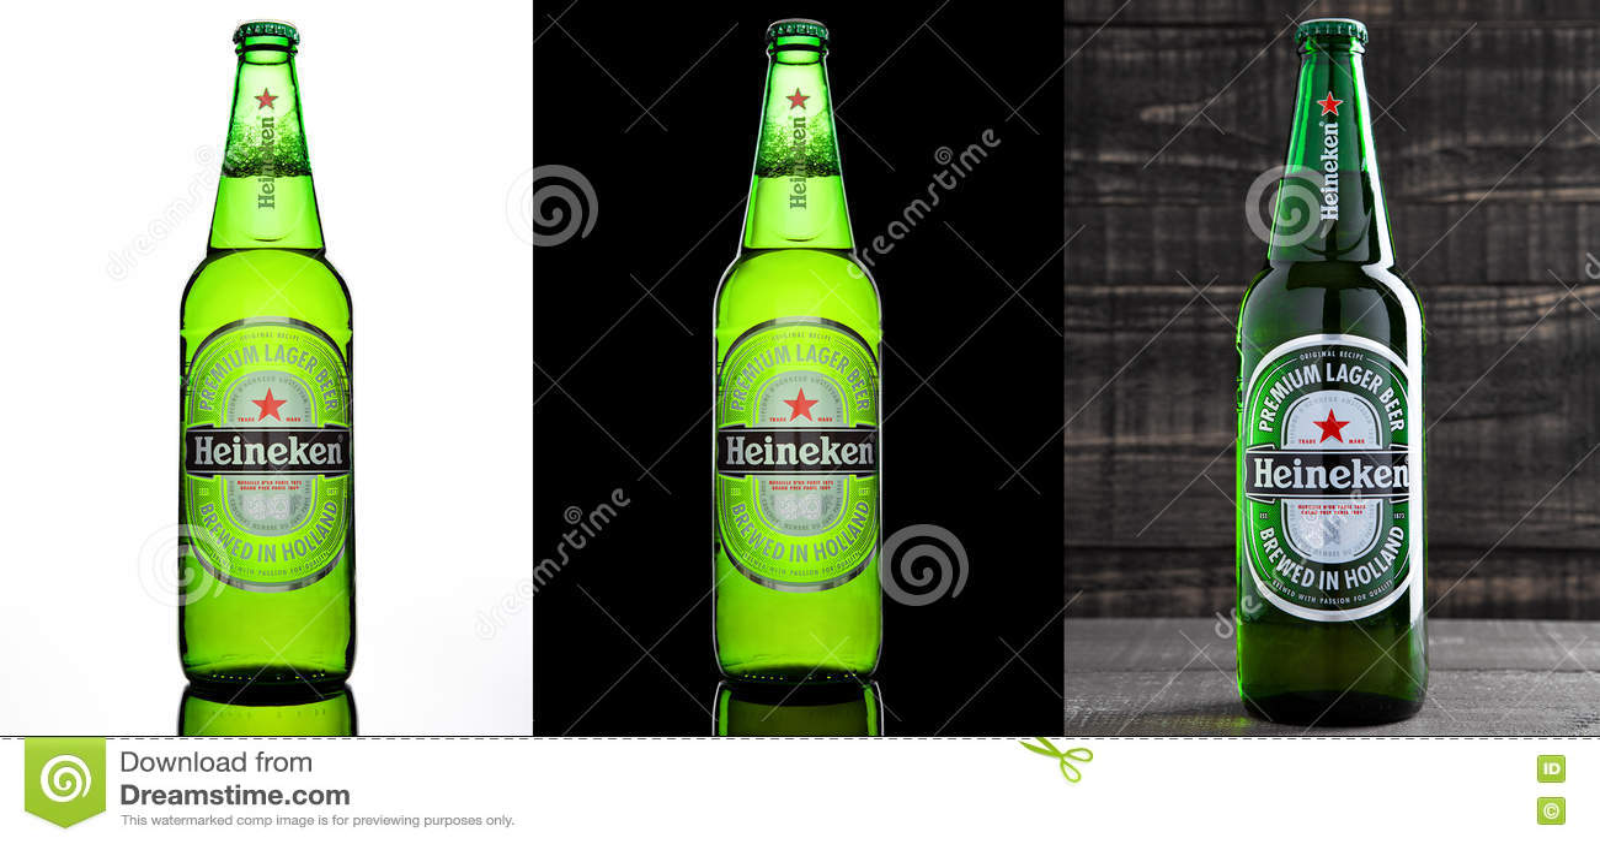 LONDRA, REGNO UNITO - 17 OTTOBRE 2016: Bottiglia di Heineken Lager Beer su tre ambiti di provenienza differenti Heineken è il pro